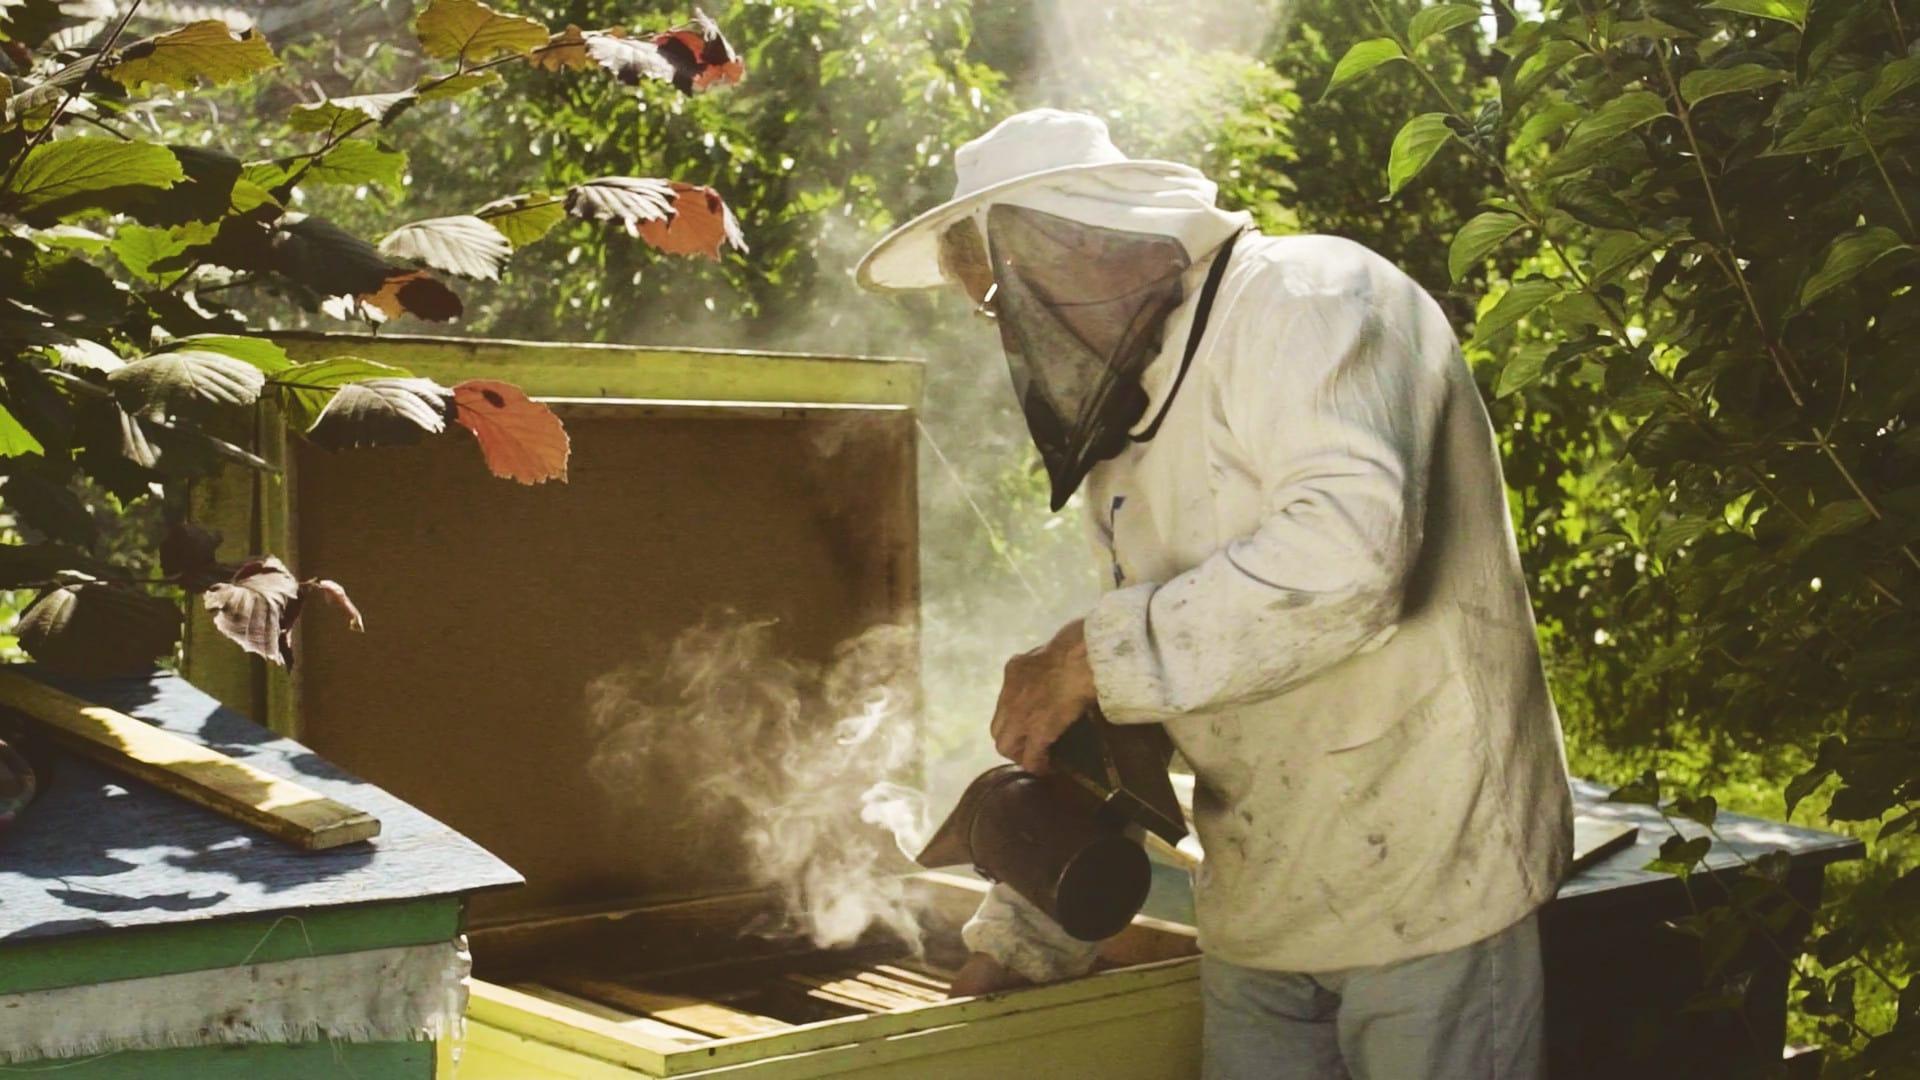 Усыпление пчел с помощью дымаря